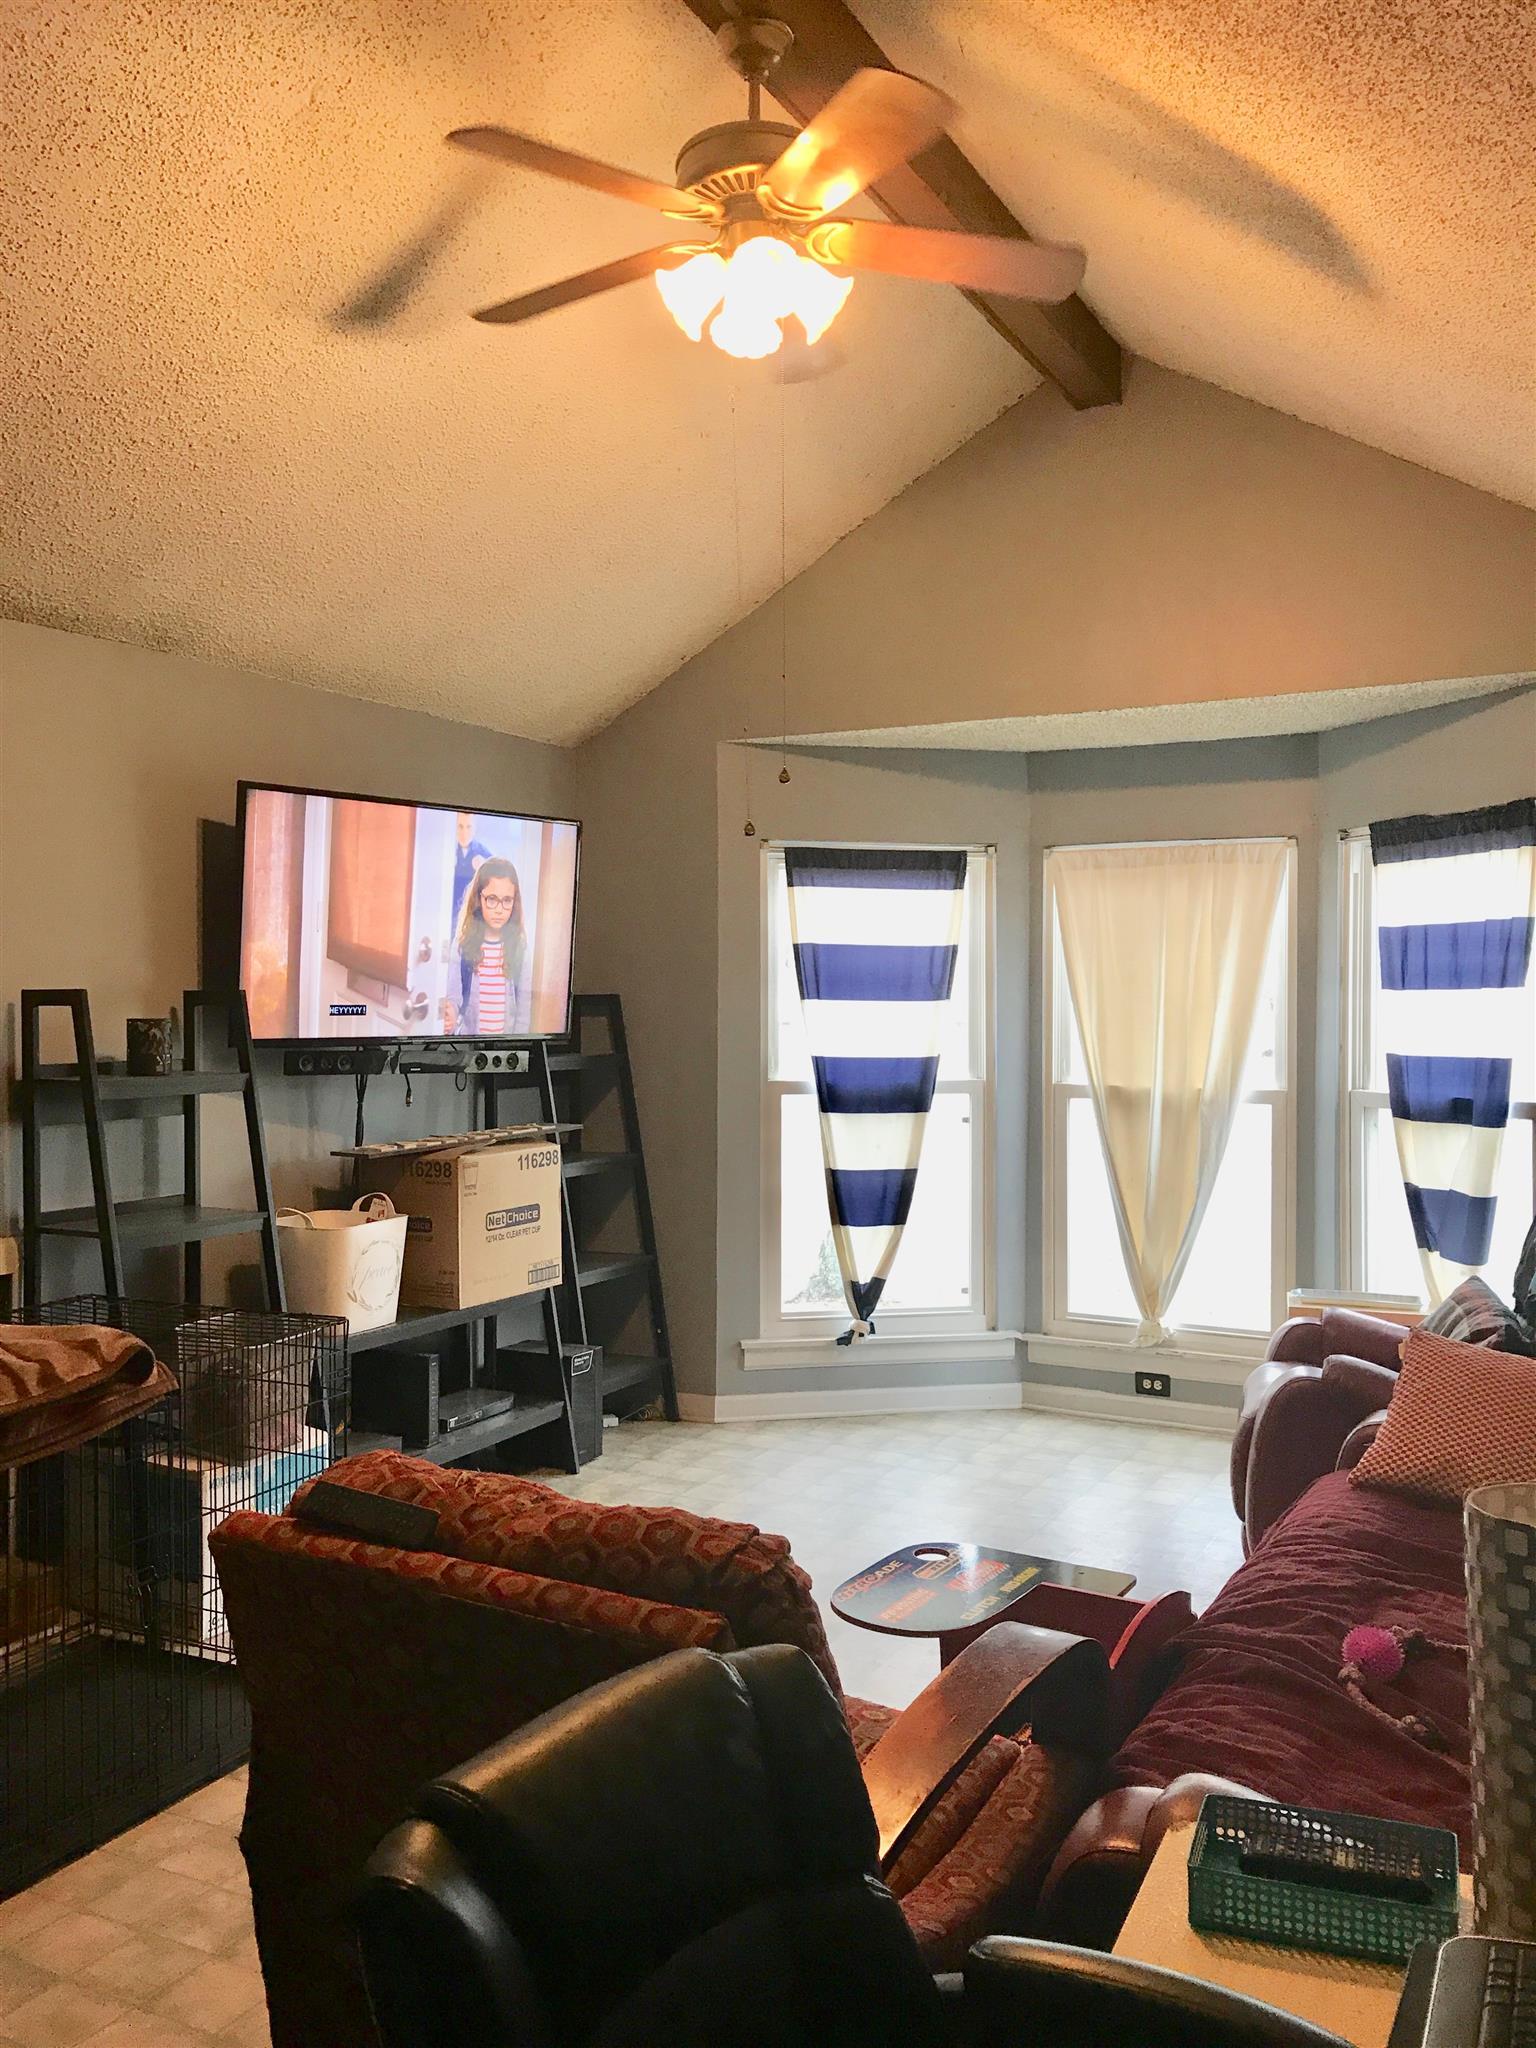 317 Belinda Pkwy, Mount Juliet, TN 37122 - Mount Juliet, TN real estate listing